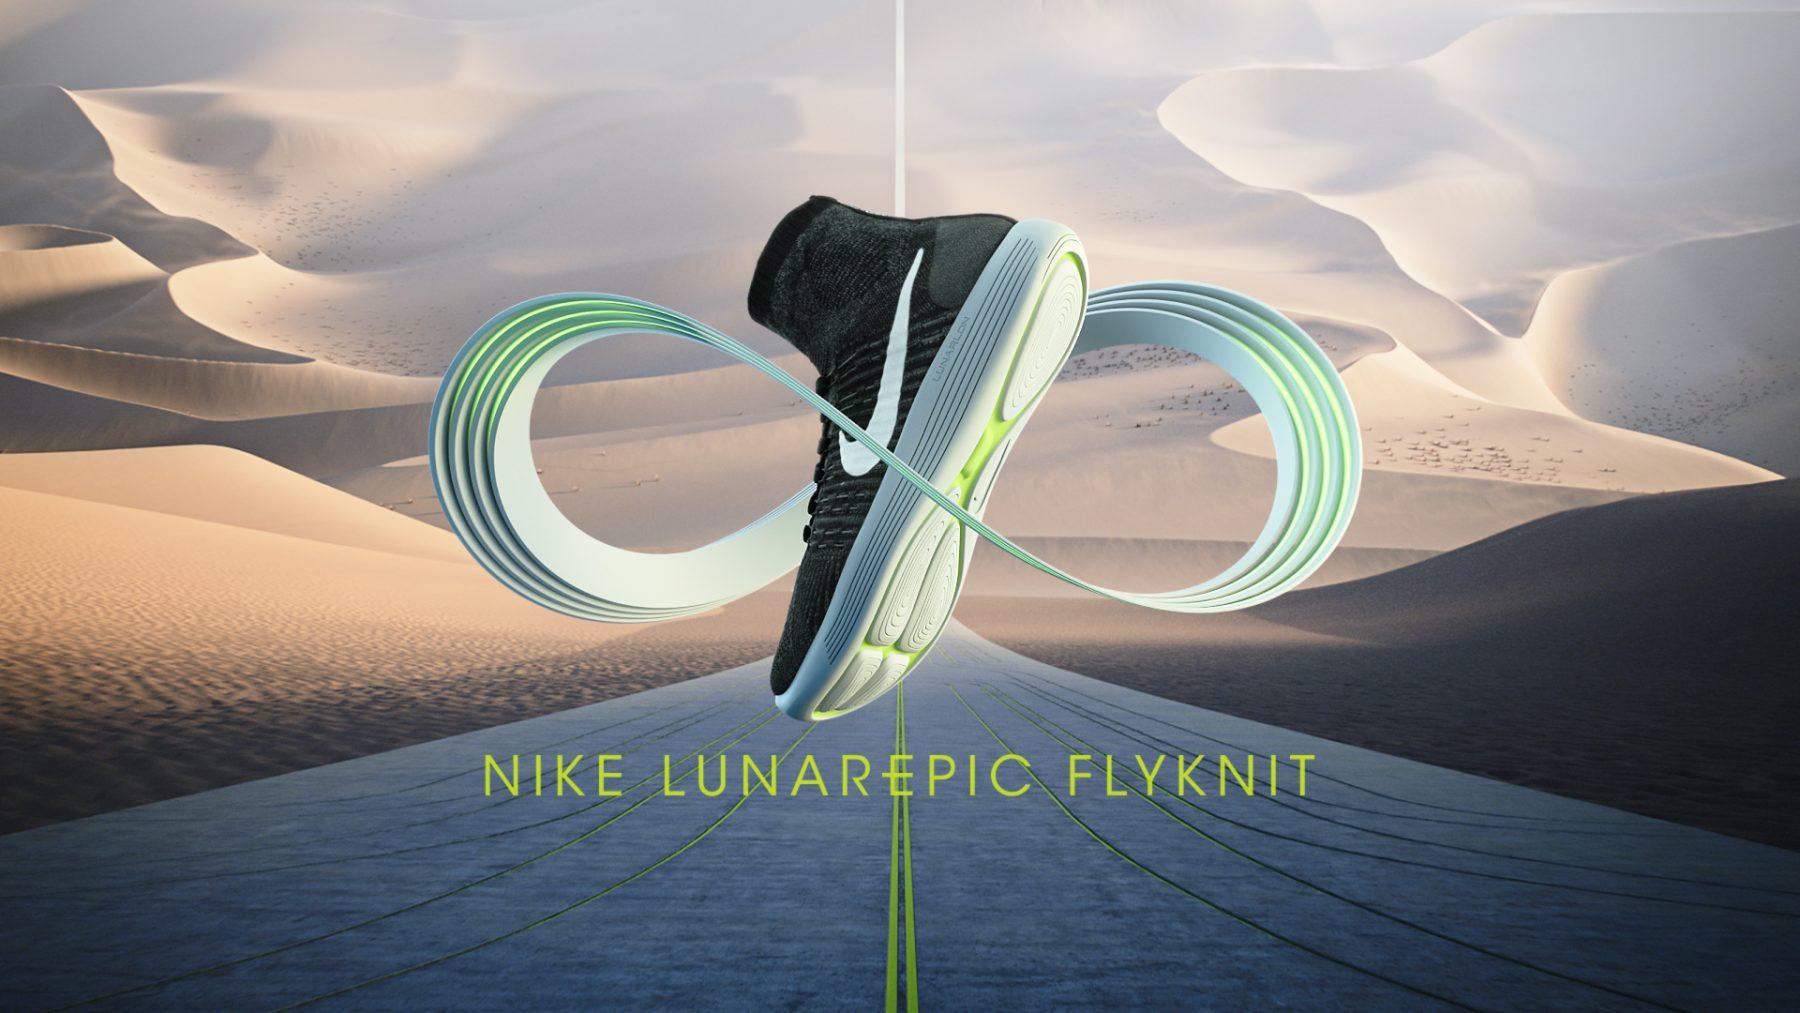 Nike - LunarEpic Flyknit 2